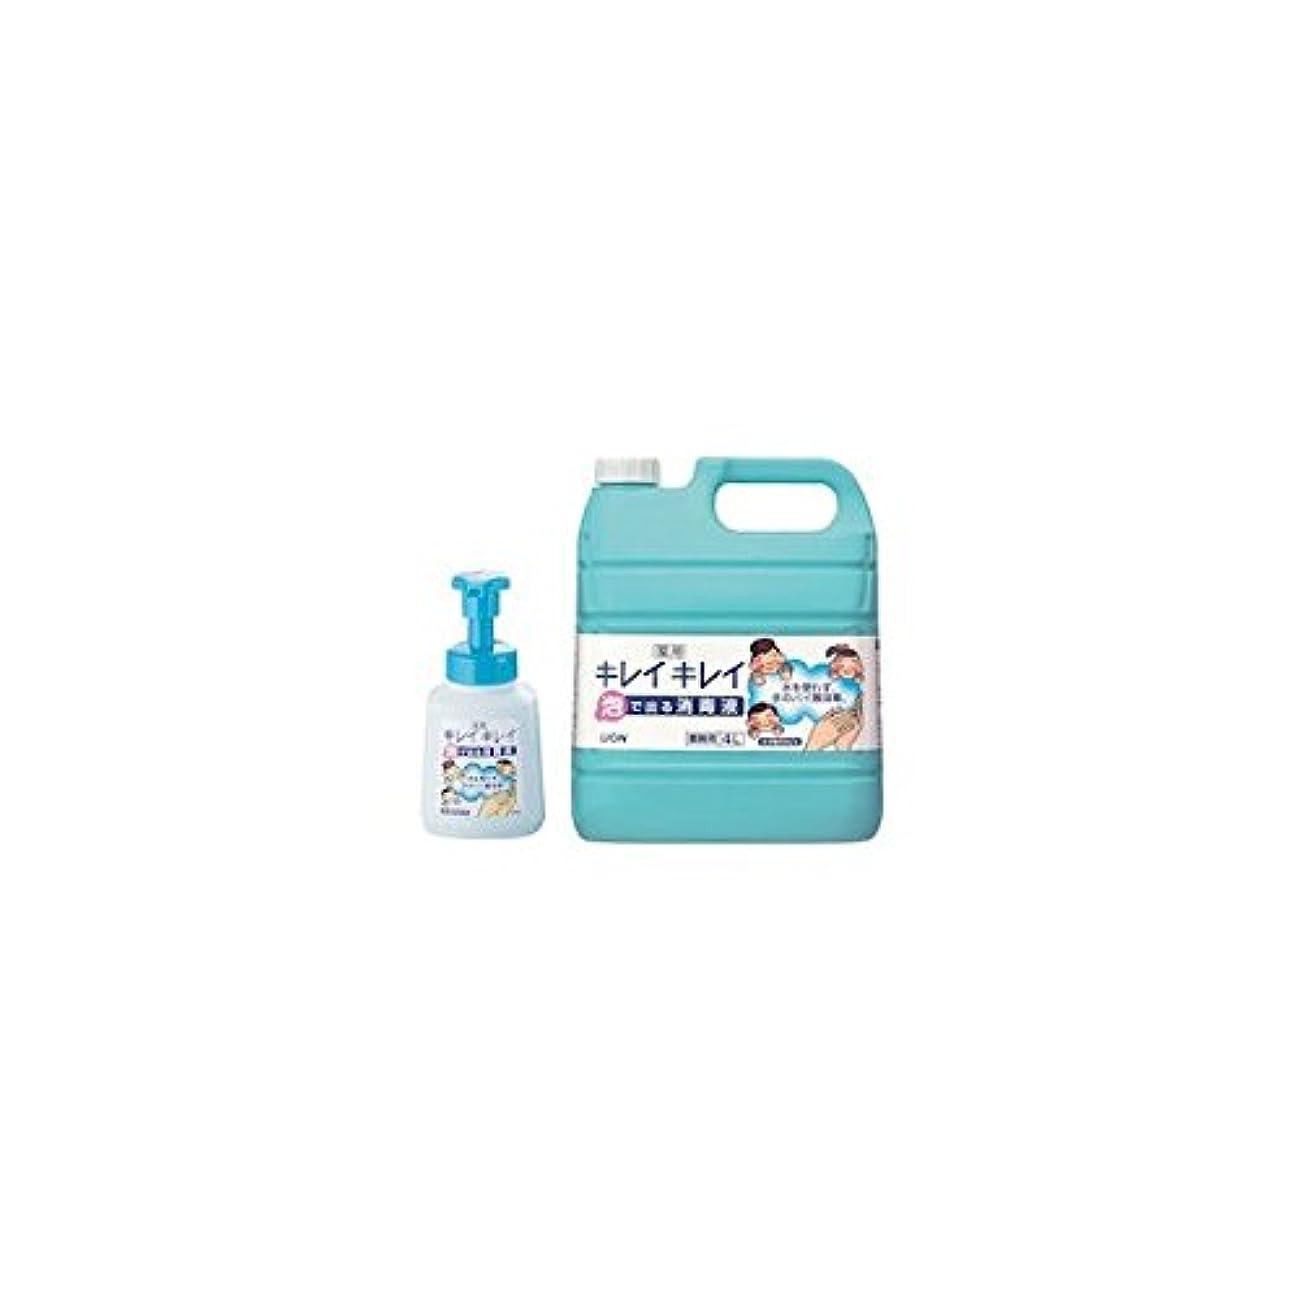 ピース補助いらいらさせるライオン キレイキレイ泡で出る消毒液 4L(専用ポンプ付) 【品番】JHV2901